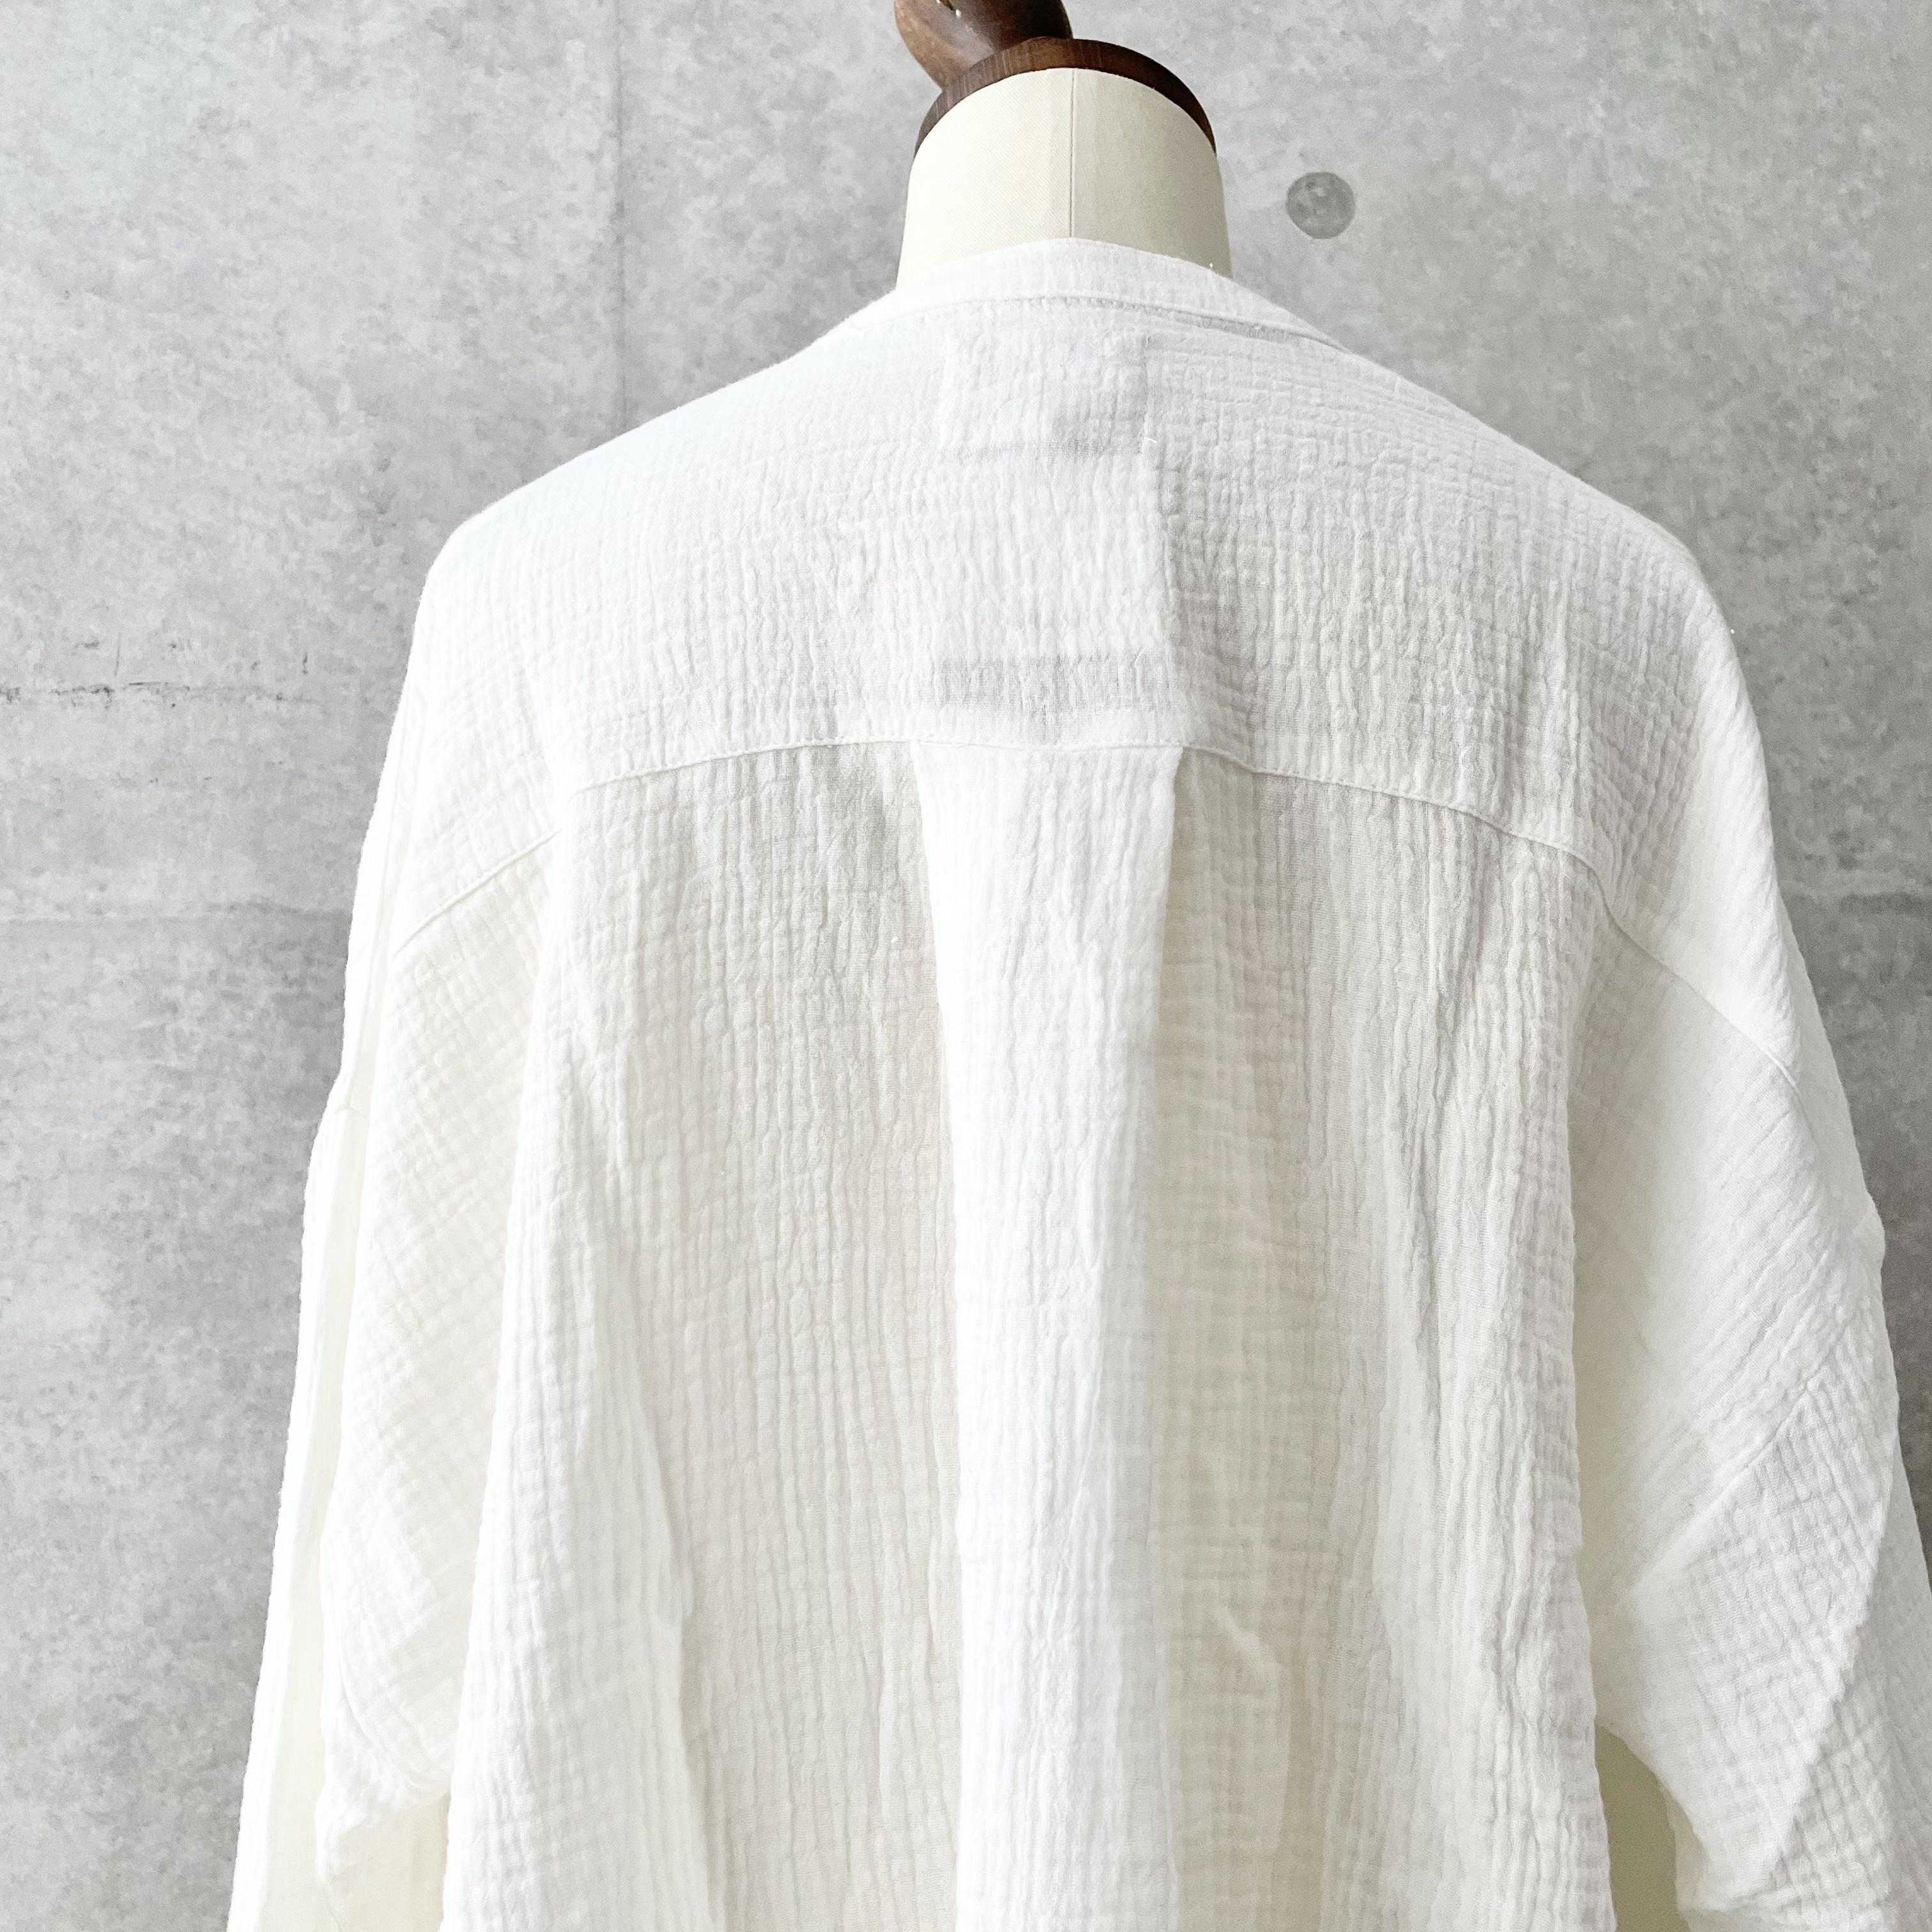 ダブルガーゼピンタックシャツ